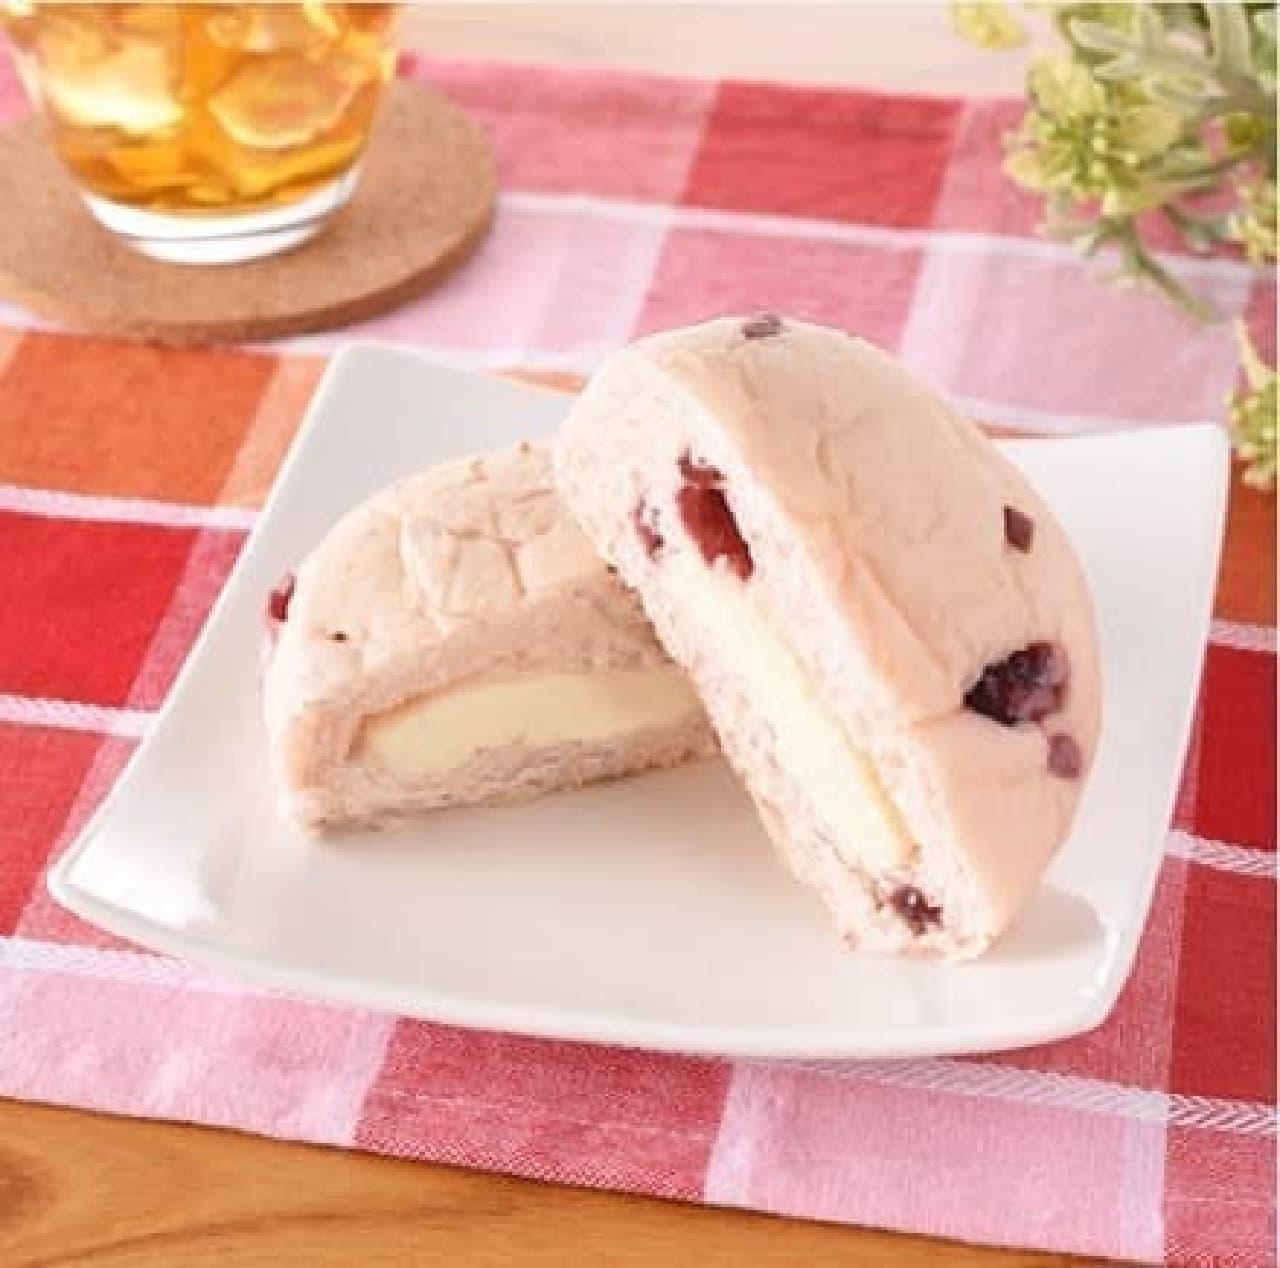 ファミリーマート「クランベリー&チーズクリームパン」